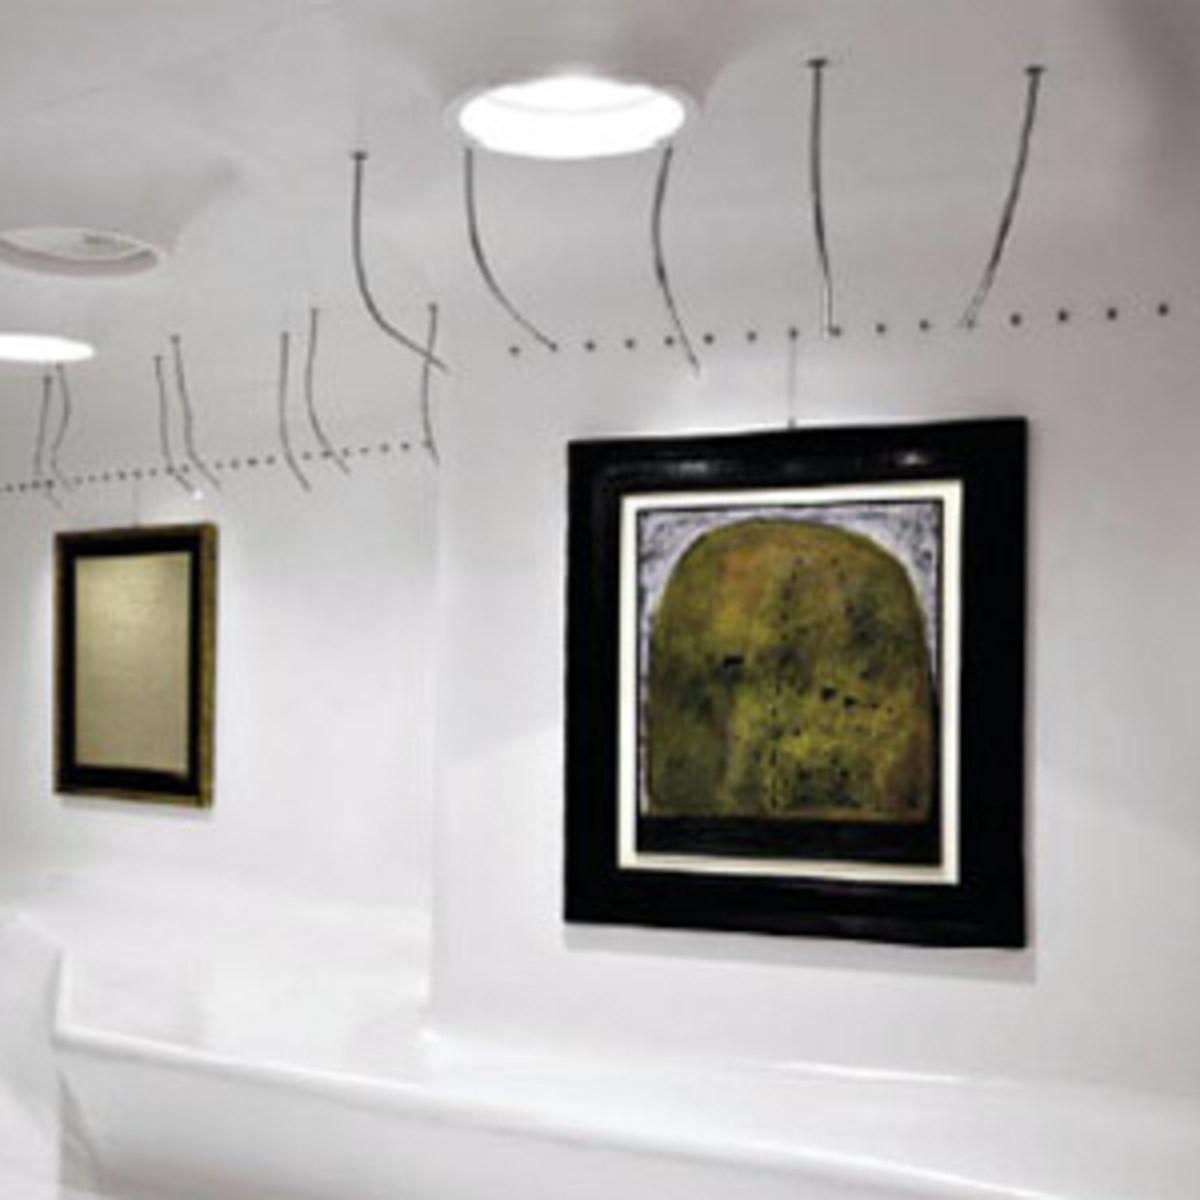 Galleria Tornabuoni Arte - Archea Associati. Venice, 2005